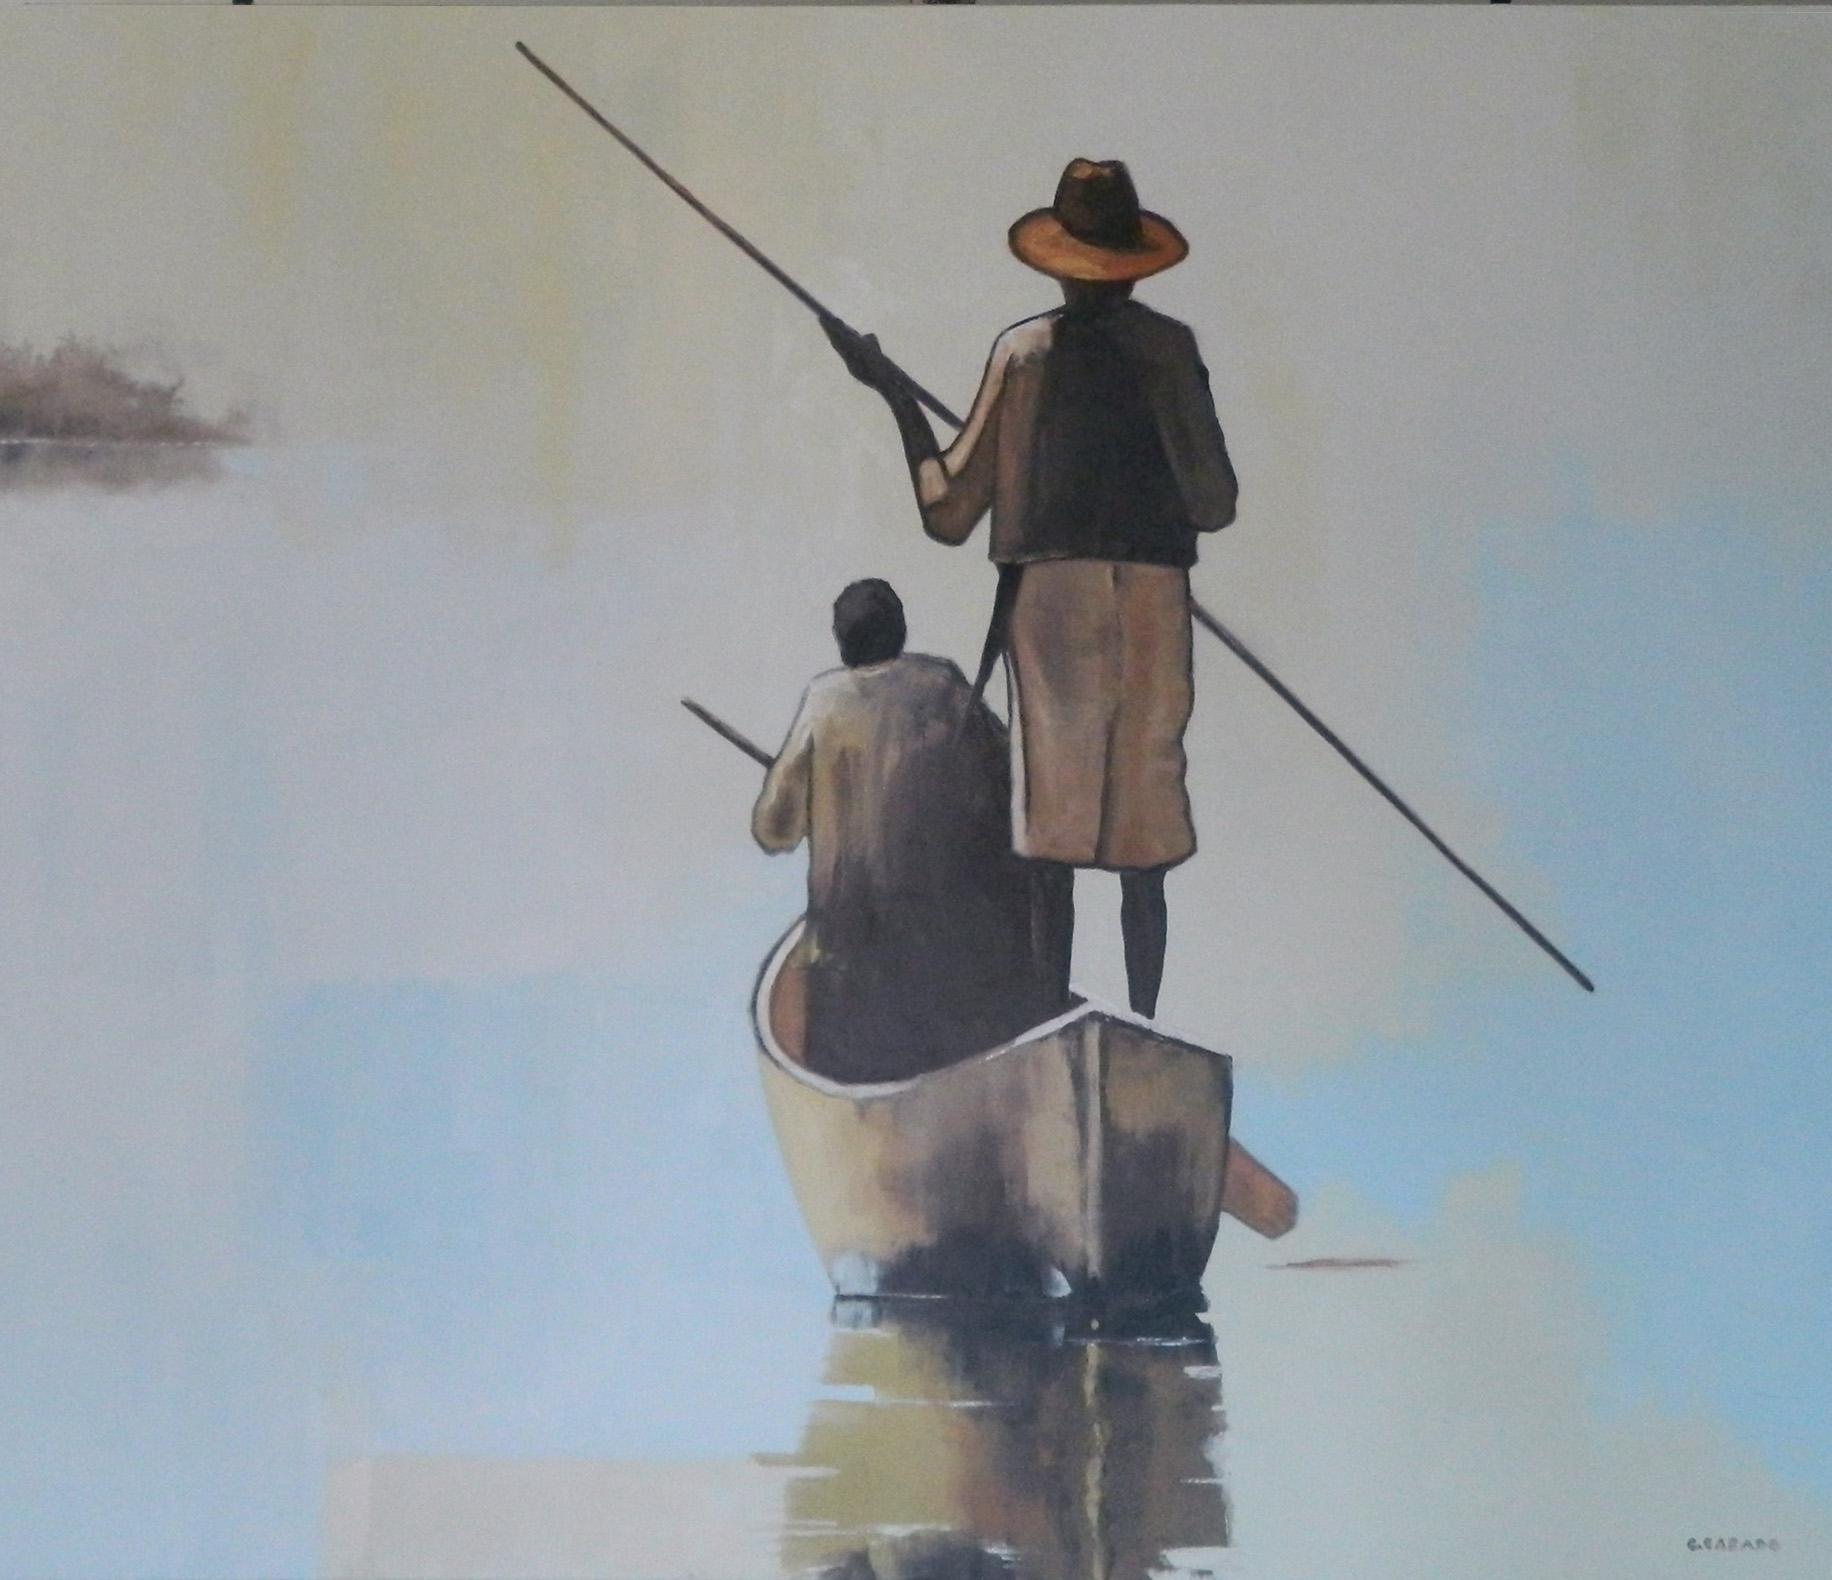 pescadores-03-100-x-120